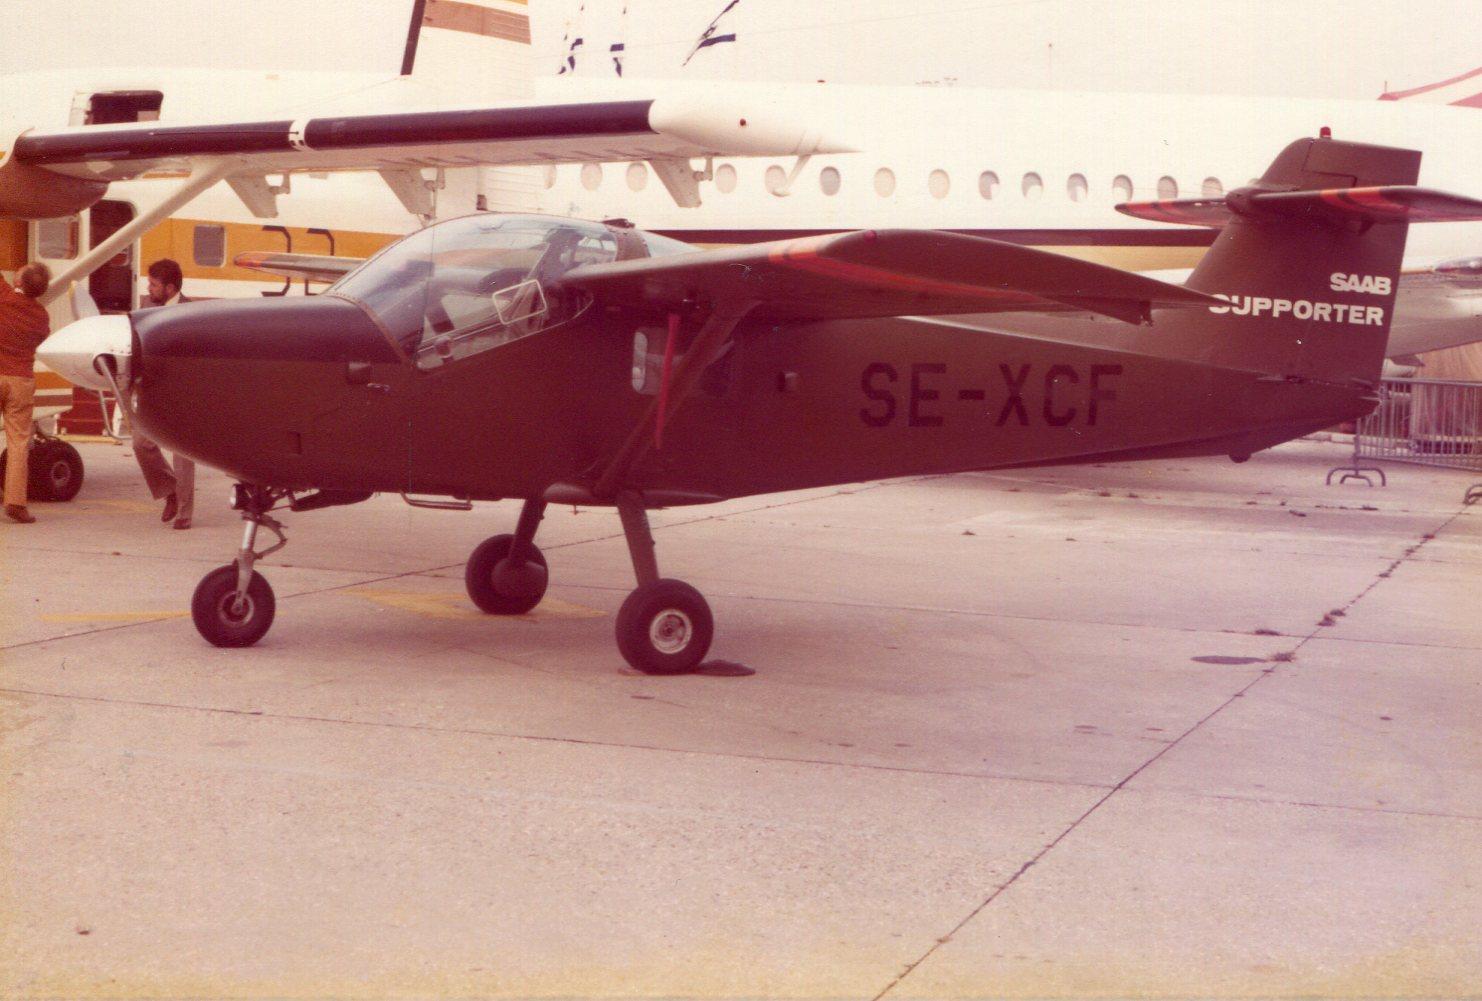 Naam: Saab Supporter.jpg Bekeken: 268 Grootte: 198,2 KB